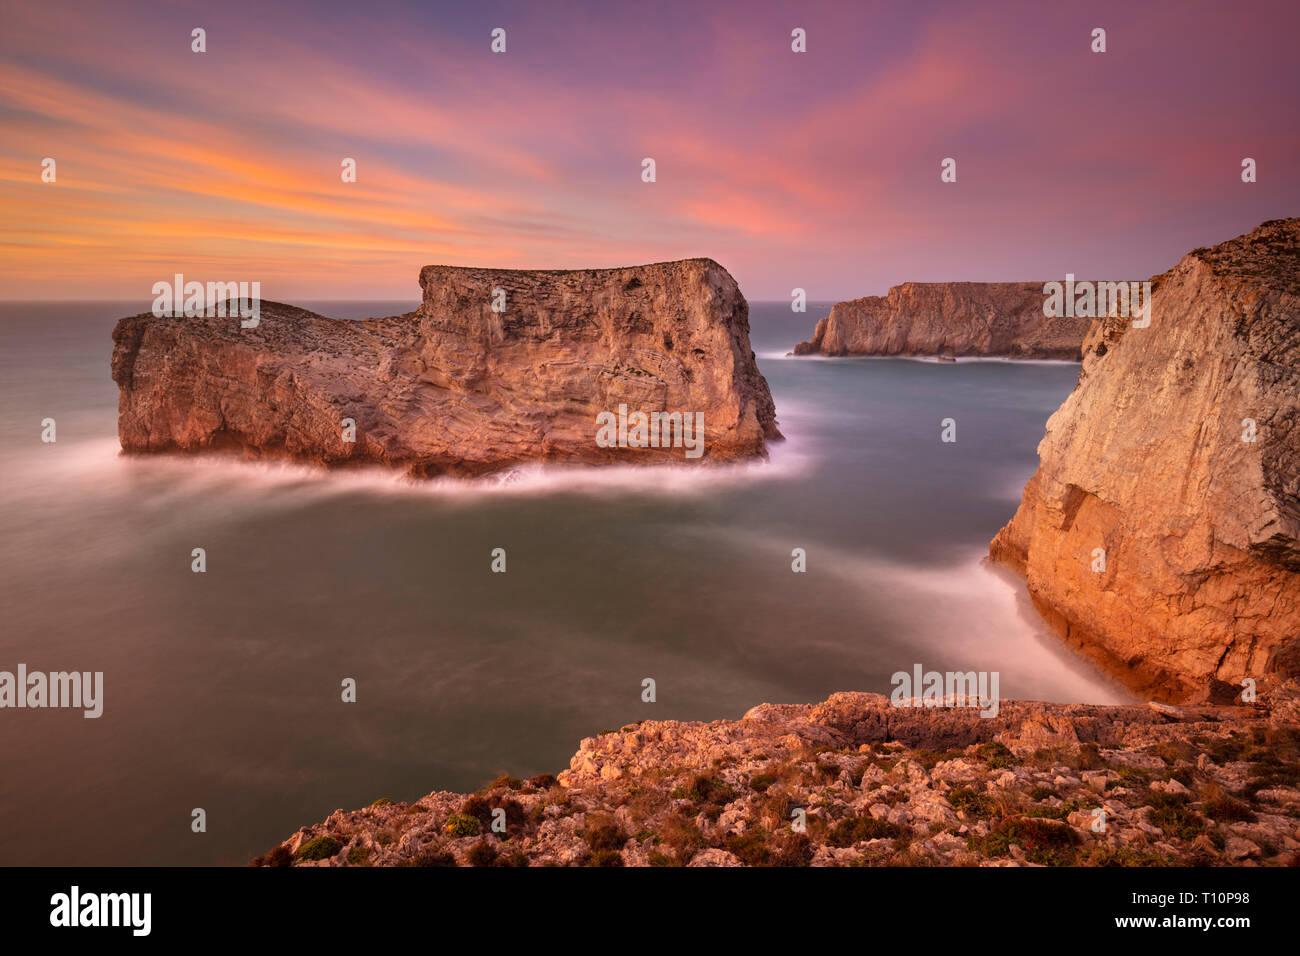 Cielo di tramonto spettacolare costa Algarve pile di roccia sul vicino Capo St Vincent Costa Vicentina Sagres Portogallo costa Algarve,Portogallo UE Europa Immagini Stock